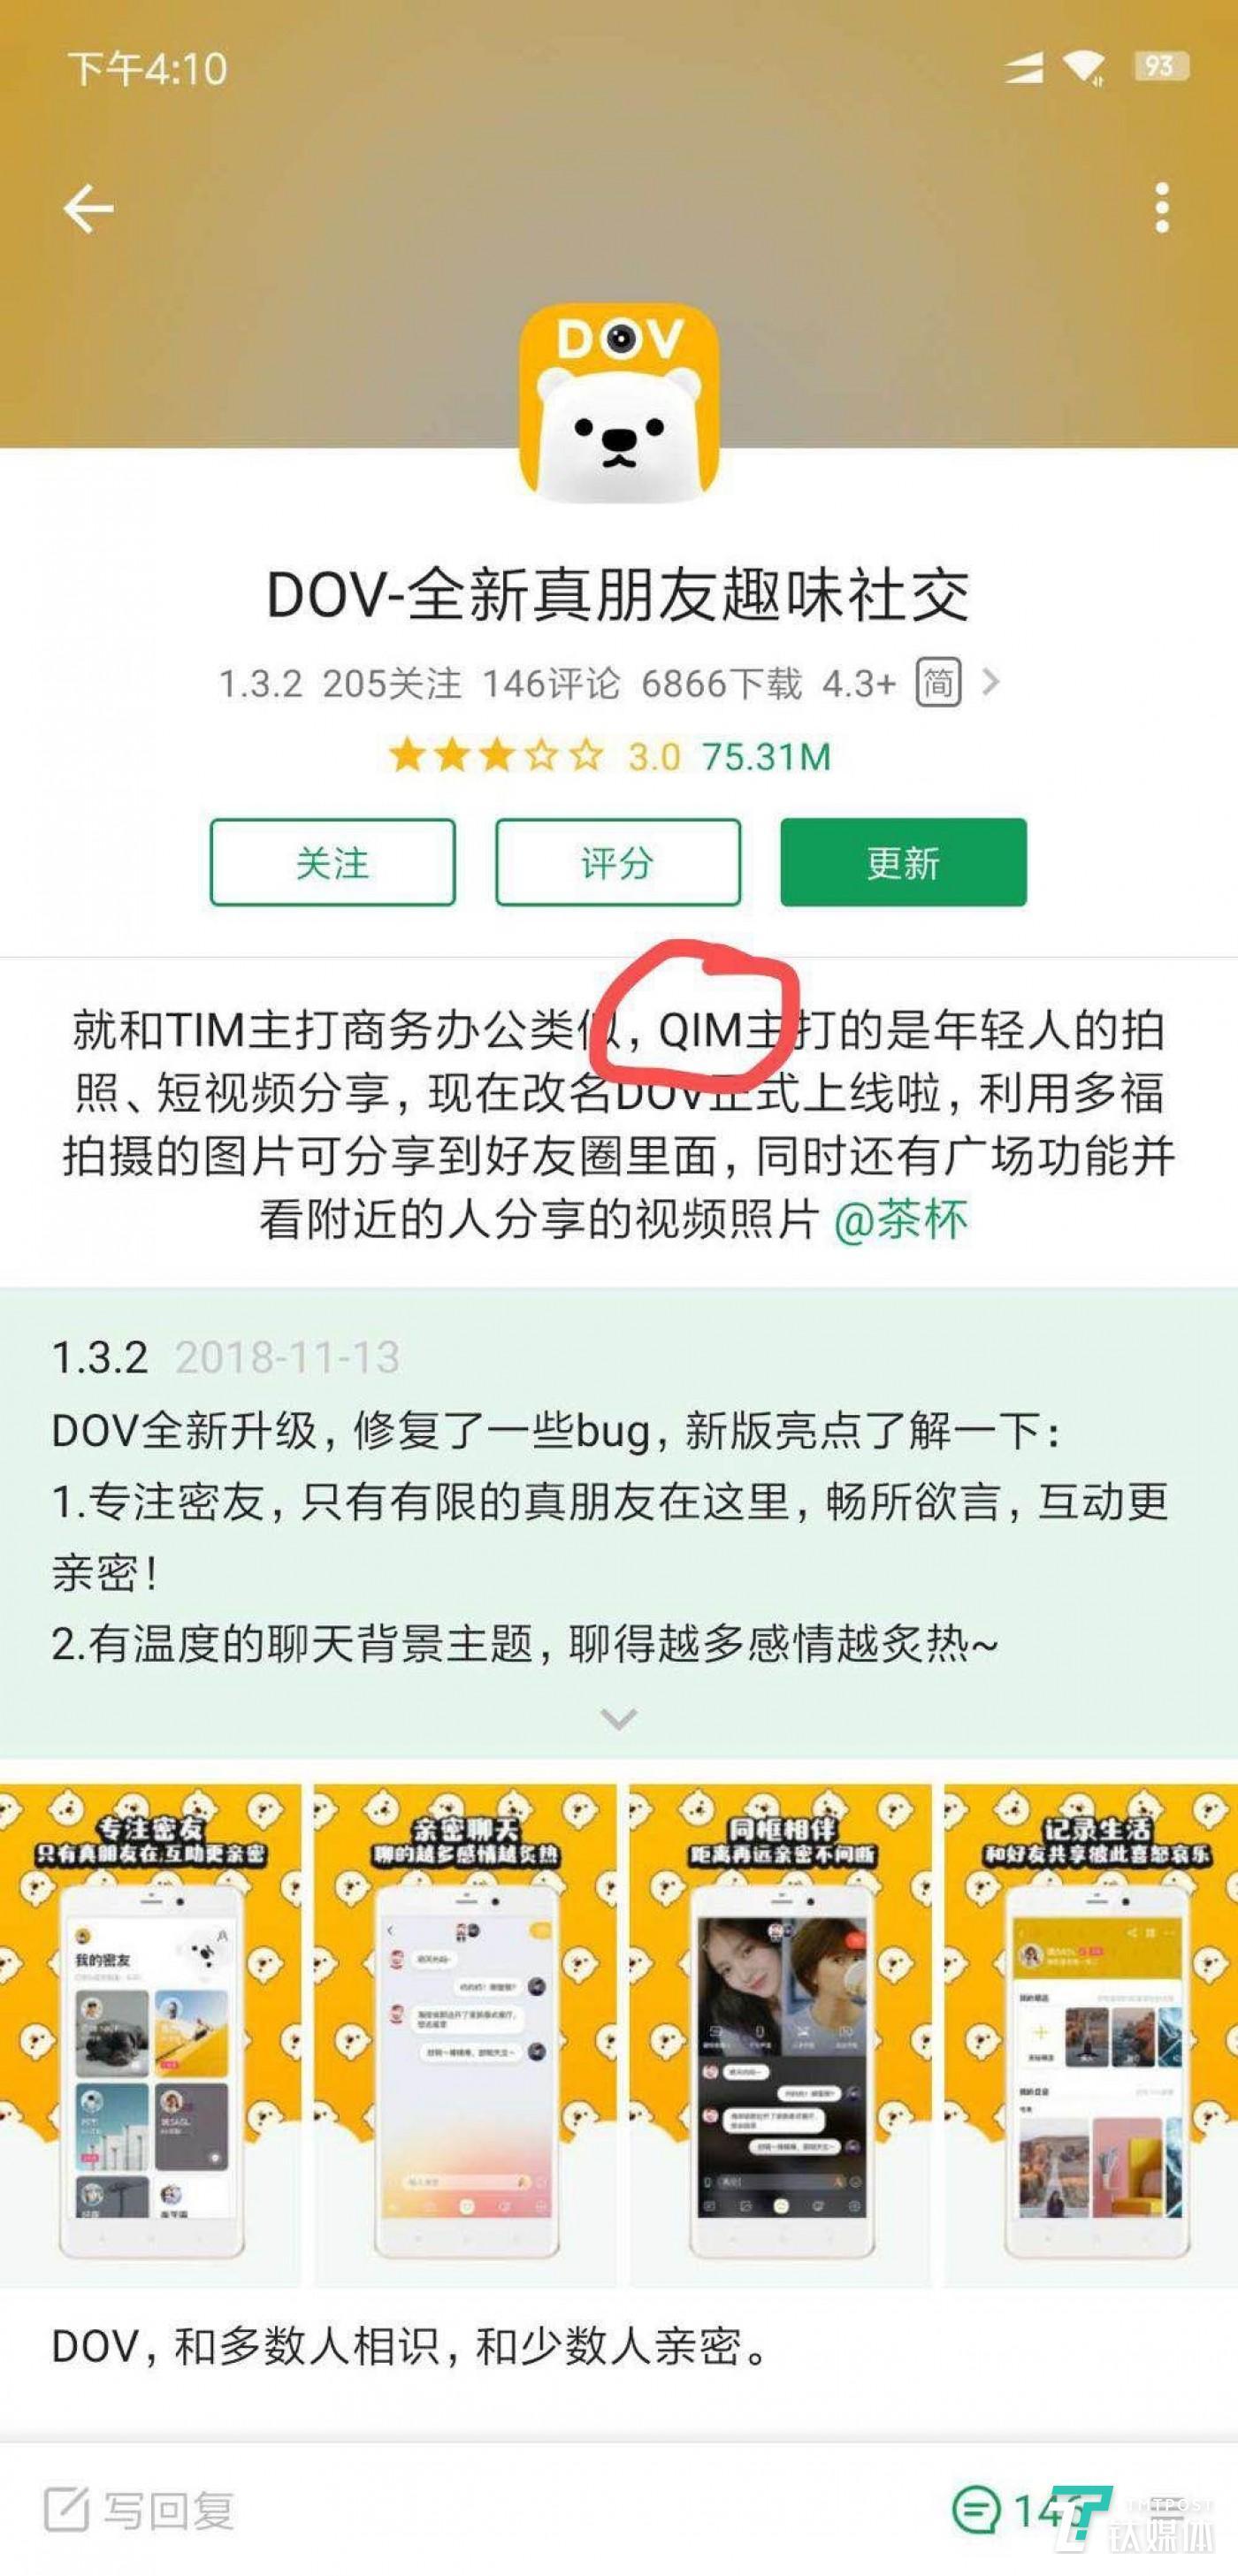 安卓商店显示,DOV由QIM演变而来